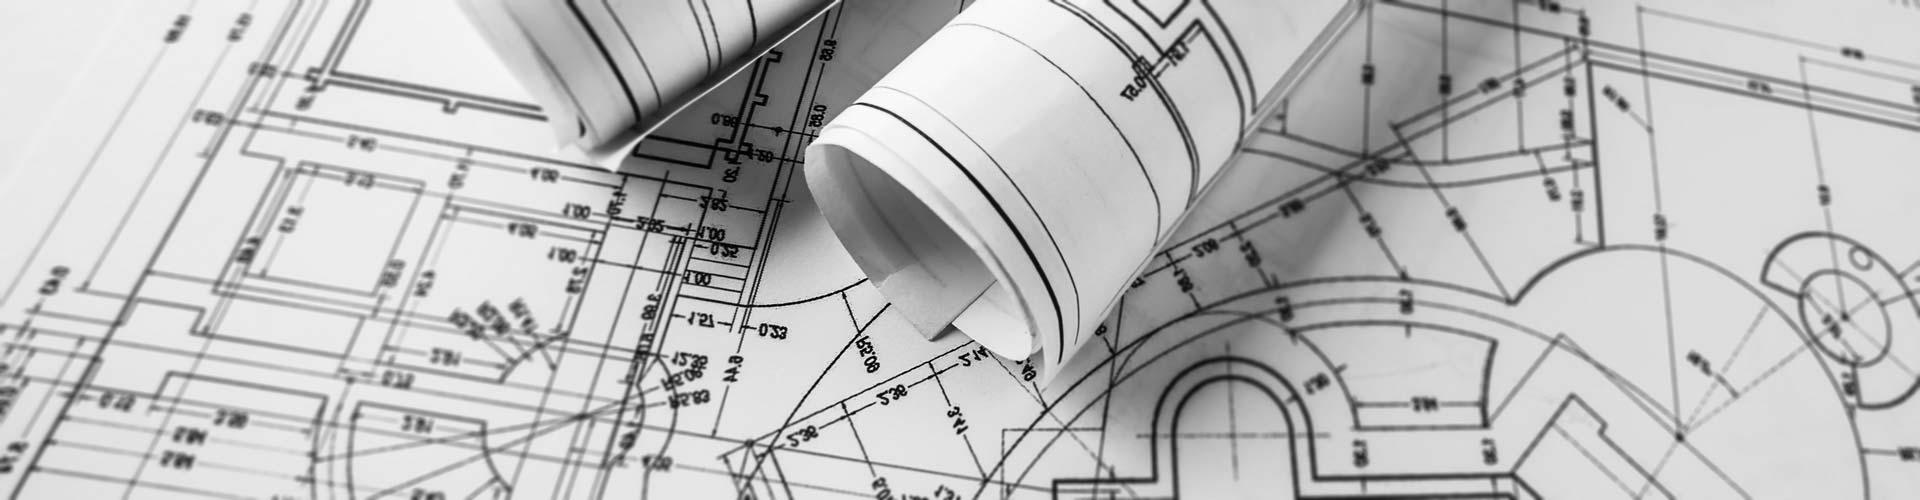 Konsalting, projektovanje, izvođenje radova